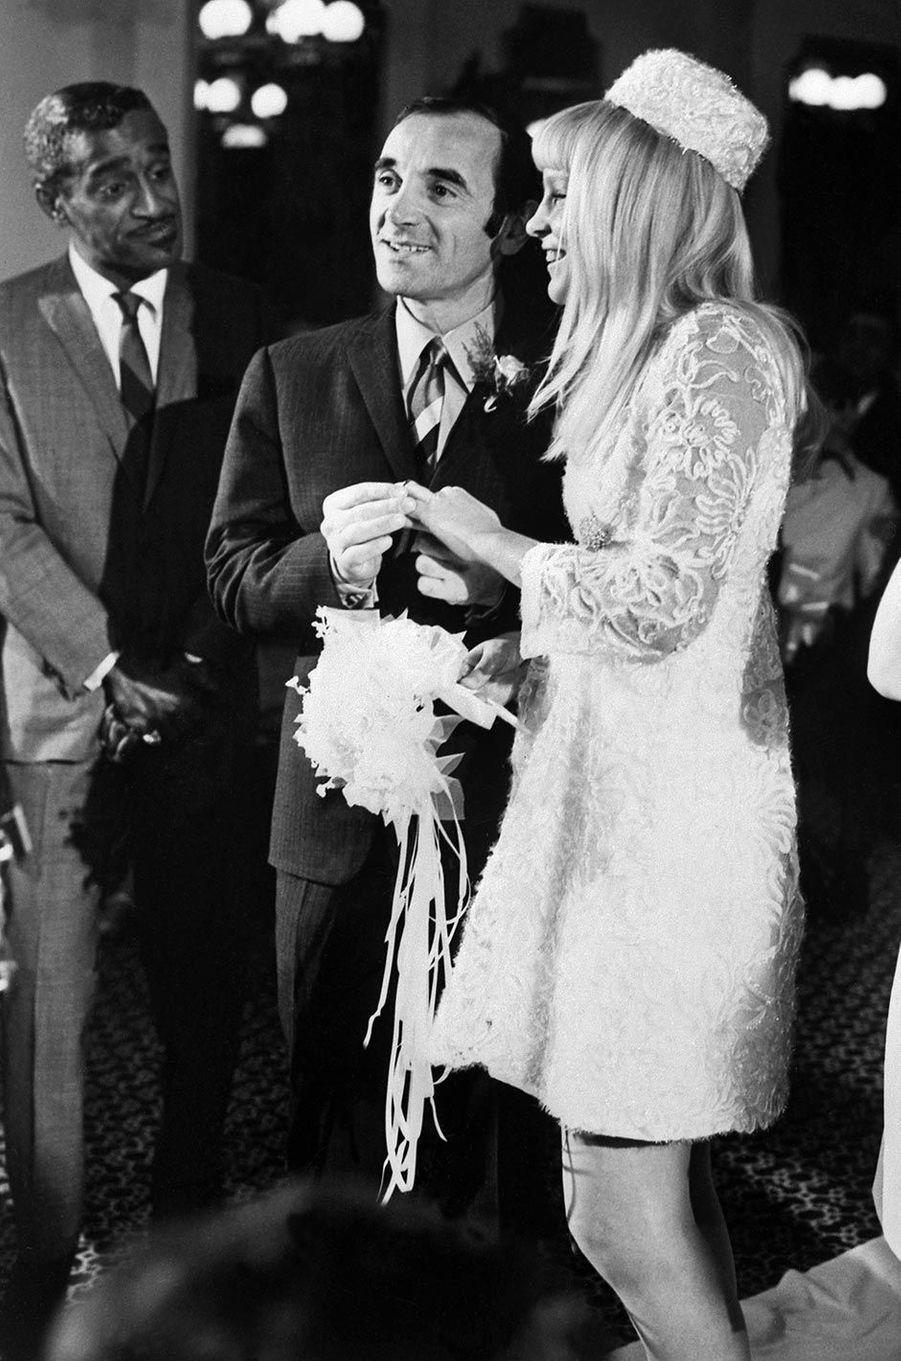 Charles Aznavour le jour de son mariage avecUlla, en 1967, entouré de Sammy Davis Jr.